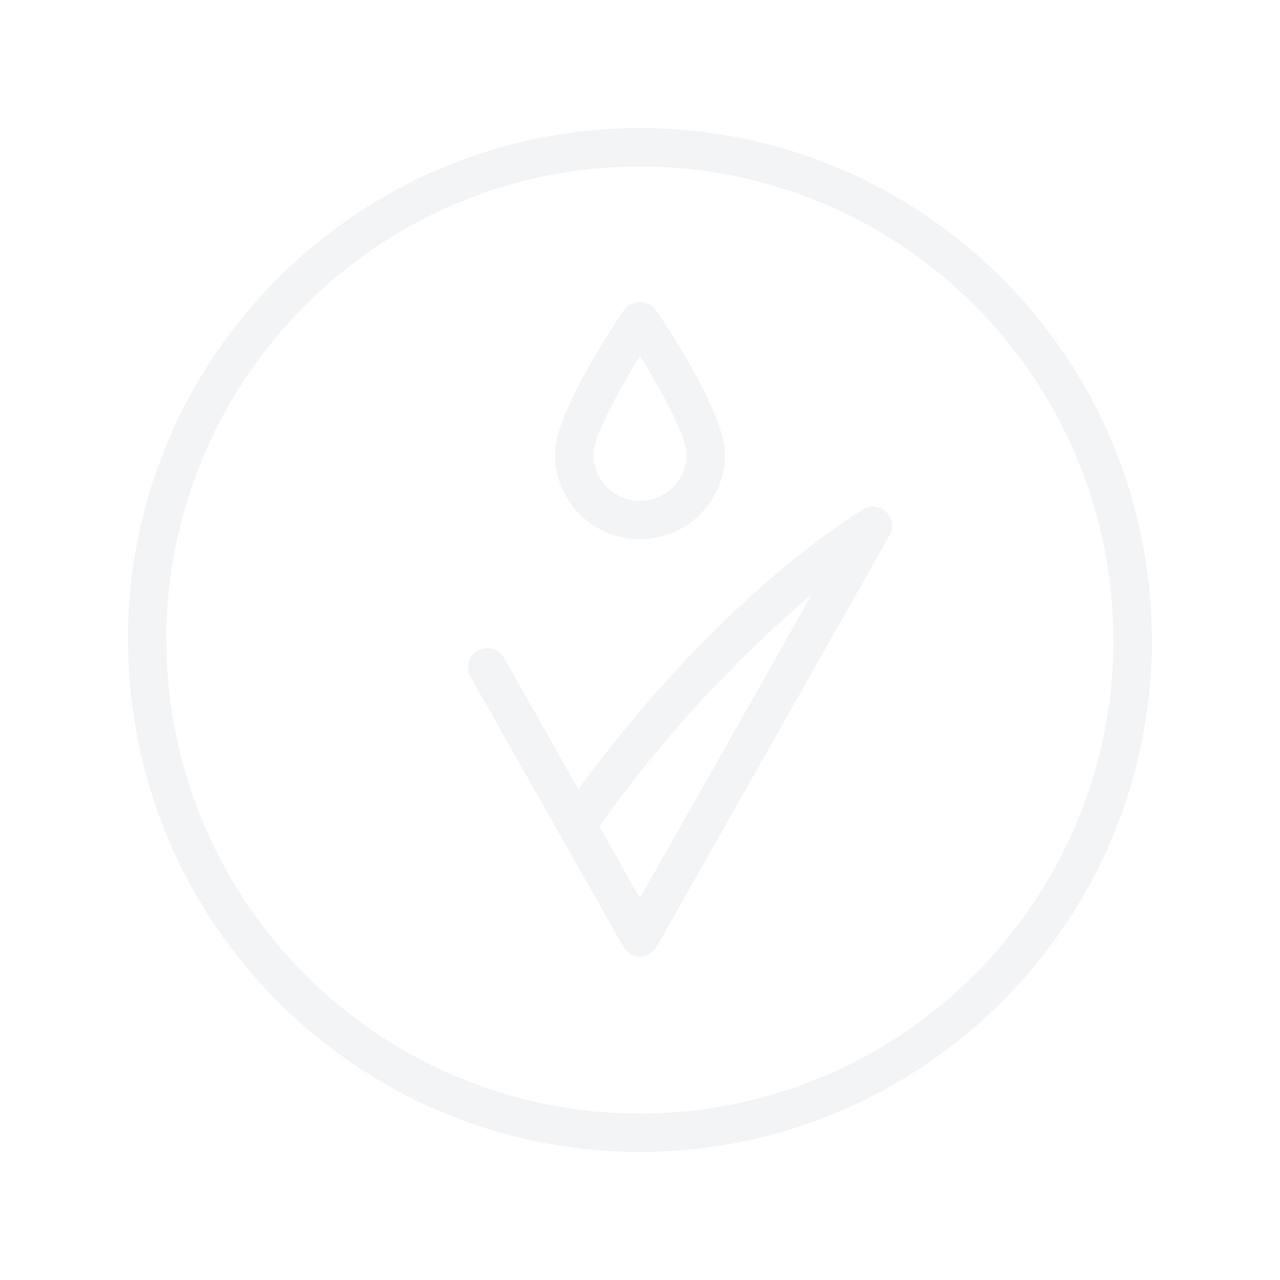 Paco Rabanne Invictus 100ml Eau De Toilette Gift Set